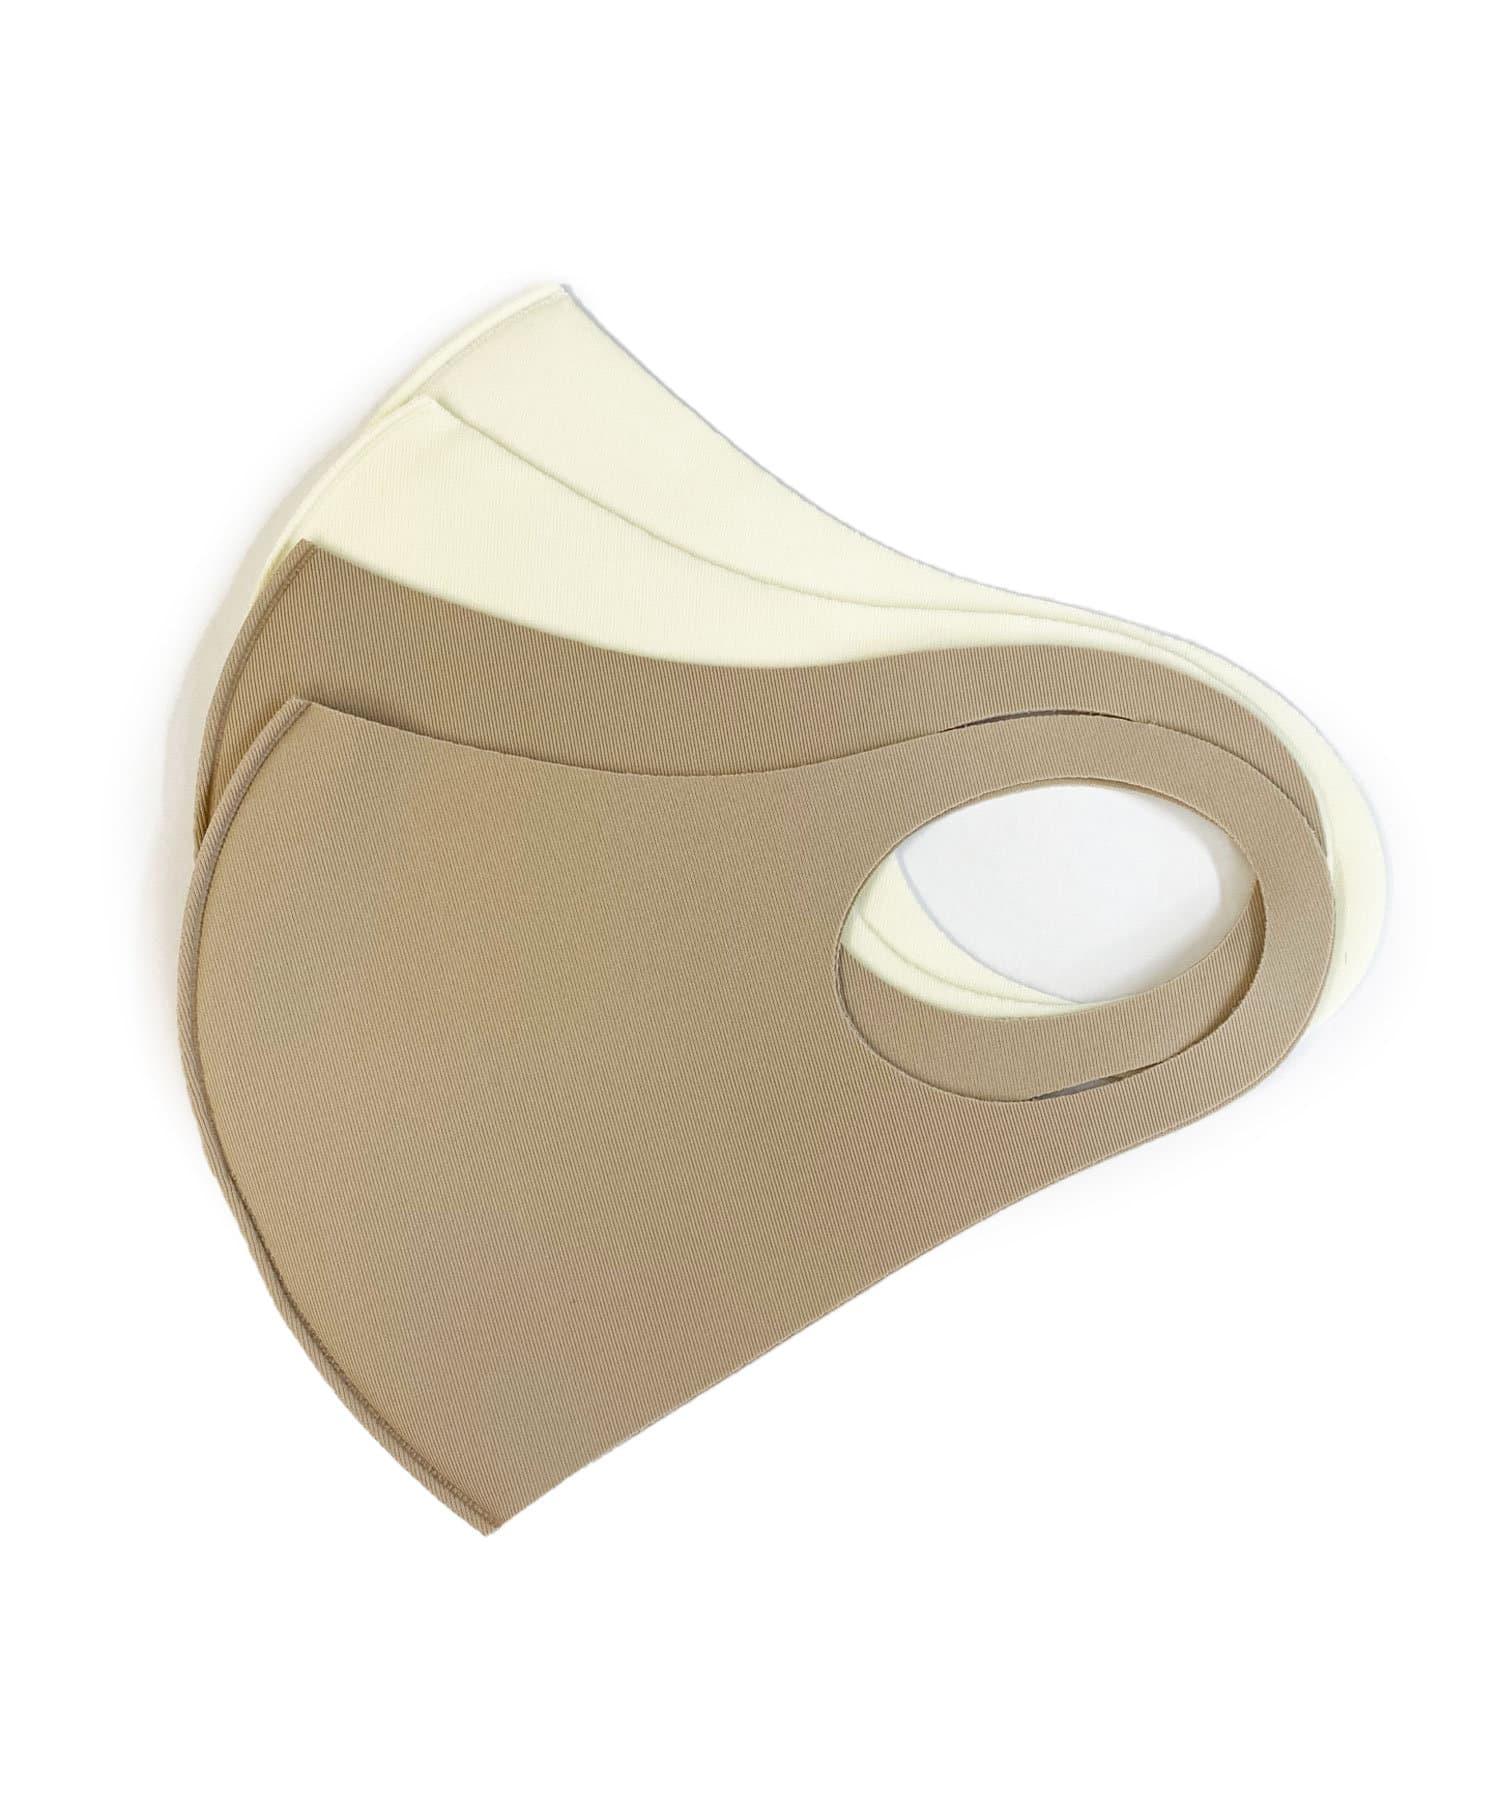 Lattice(ラティス) レディース 《ニュアンスカラー冷感抗菌マスク》4枚SET(小さめイズ) その他